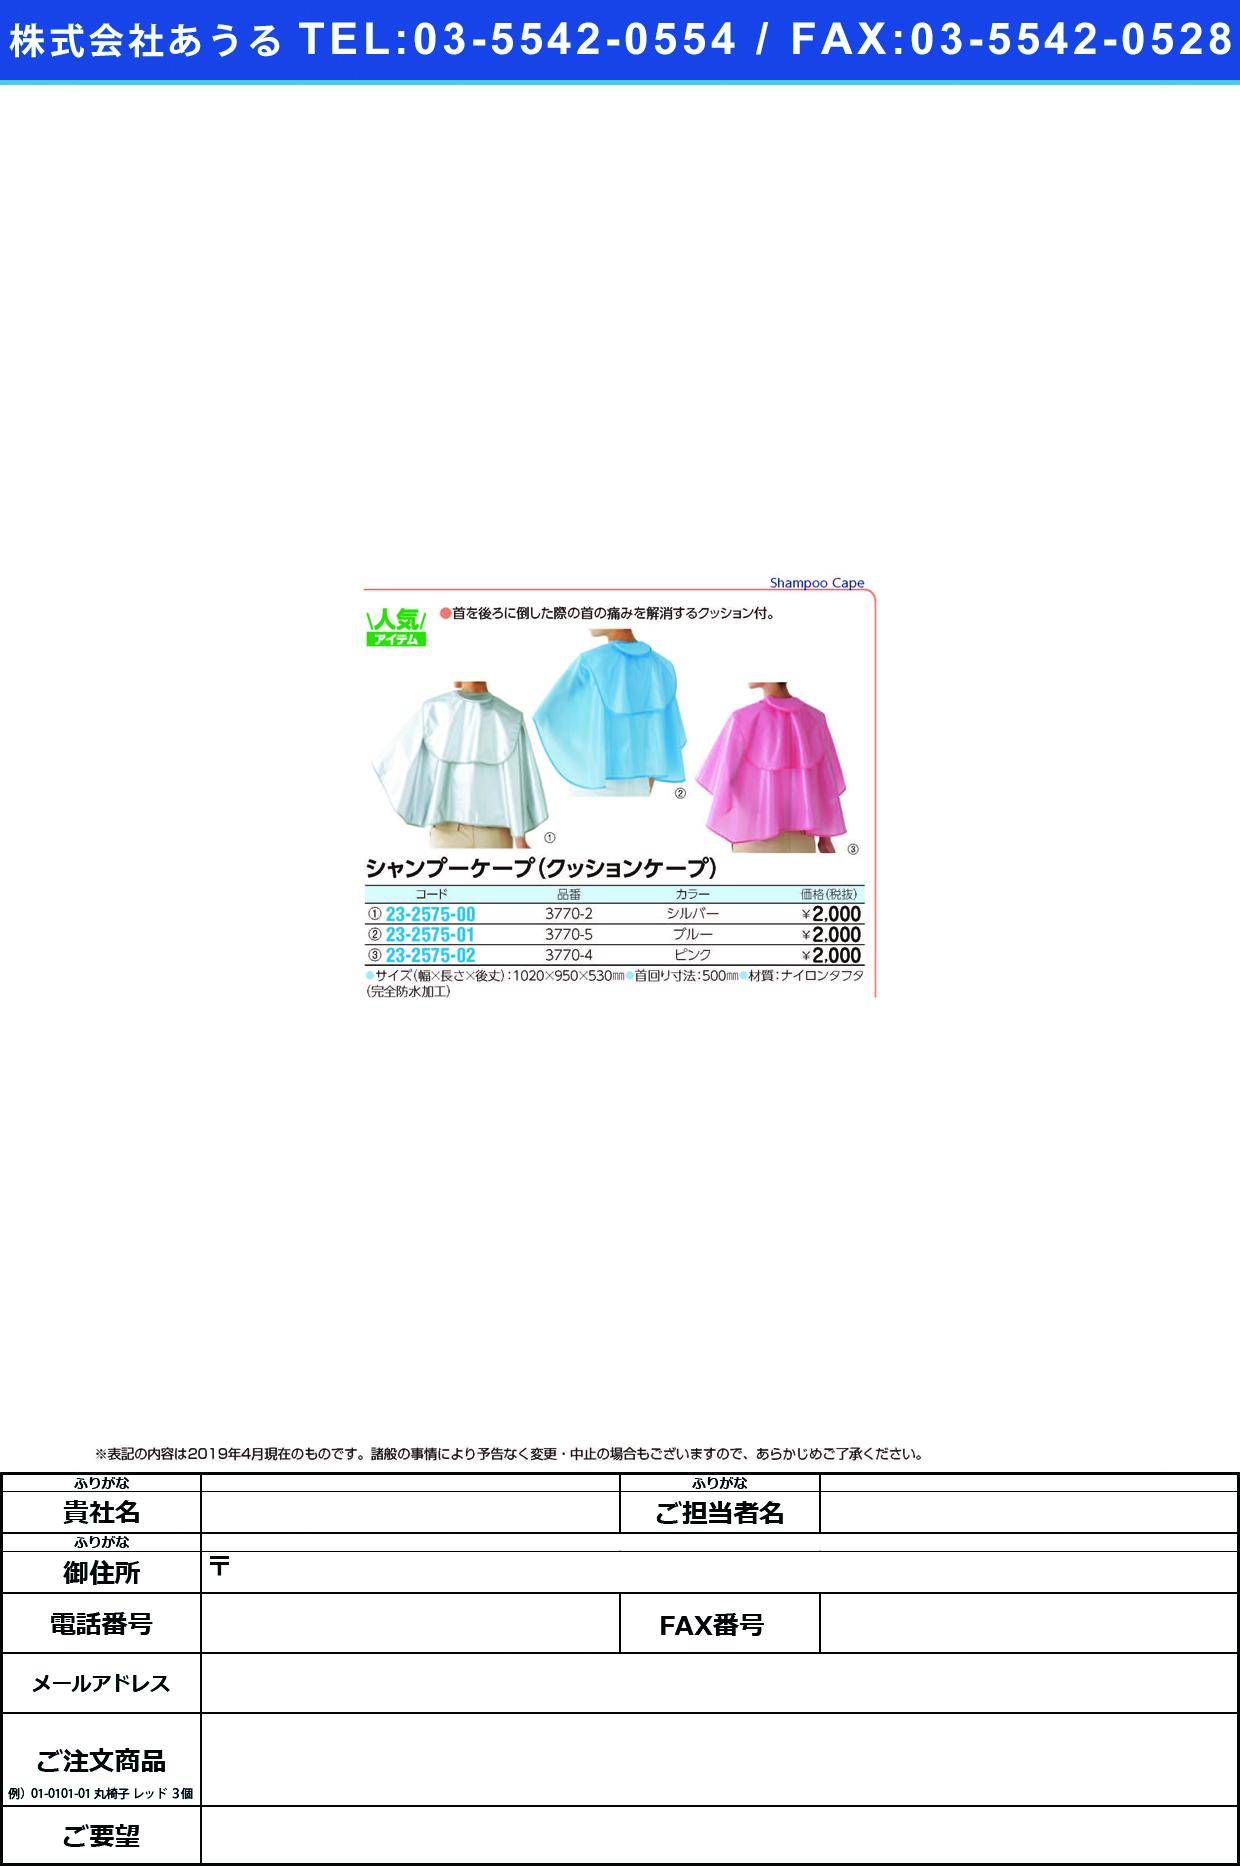 (23-2575-02)クッションケープ 3770-4(ピンク) クッションケープ【1枚単位】【2019年カタログ商品】